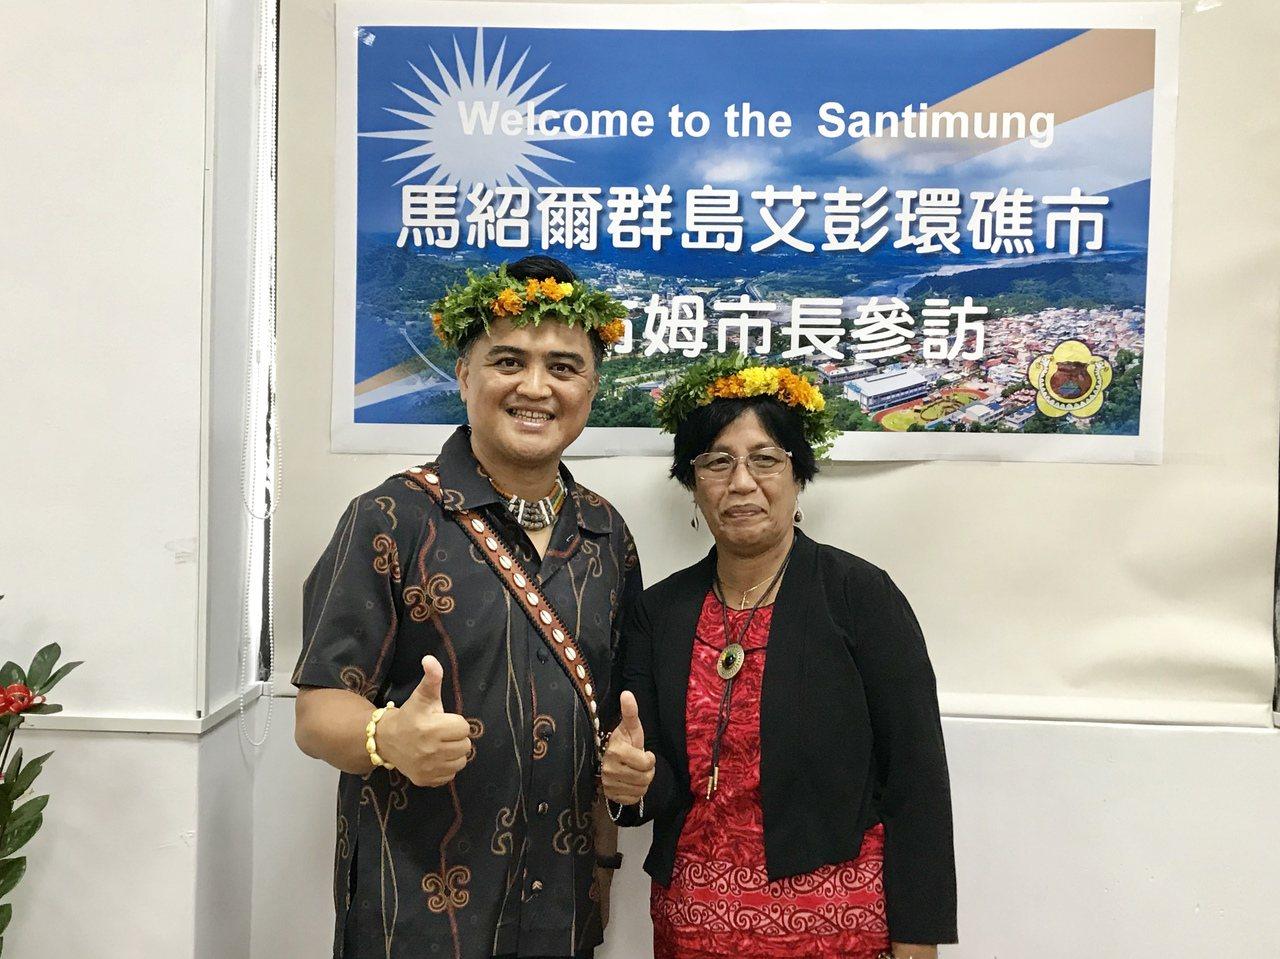 三地門鄉長車牧勒薩以(左)與馬紹爾群島艾彭環礁市長狄布姆(右),將透過締結姐妹市...